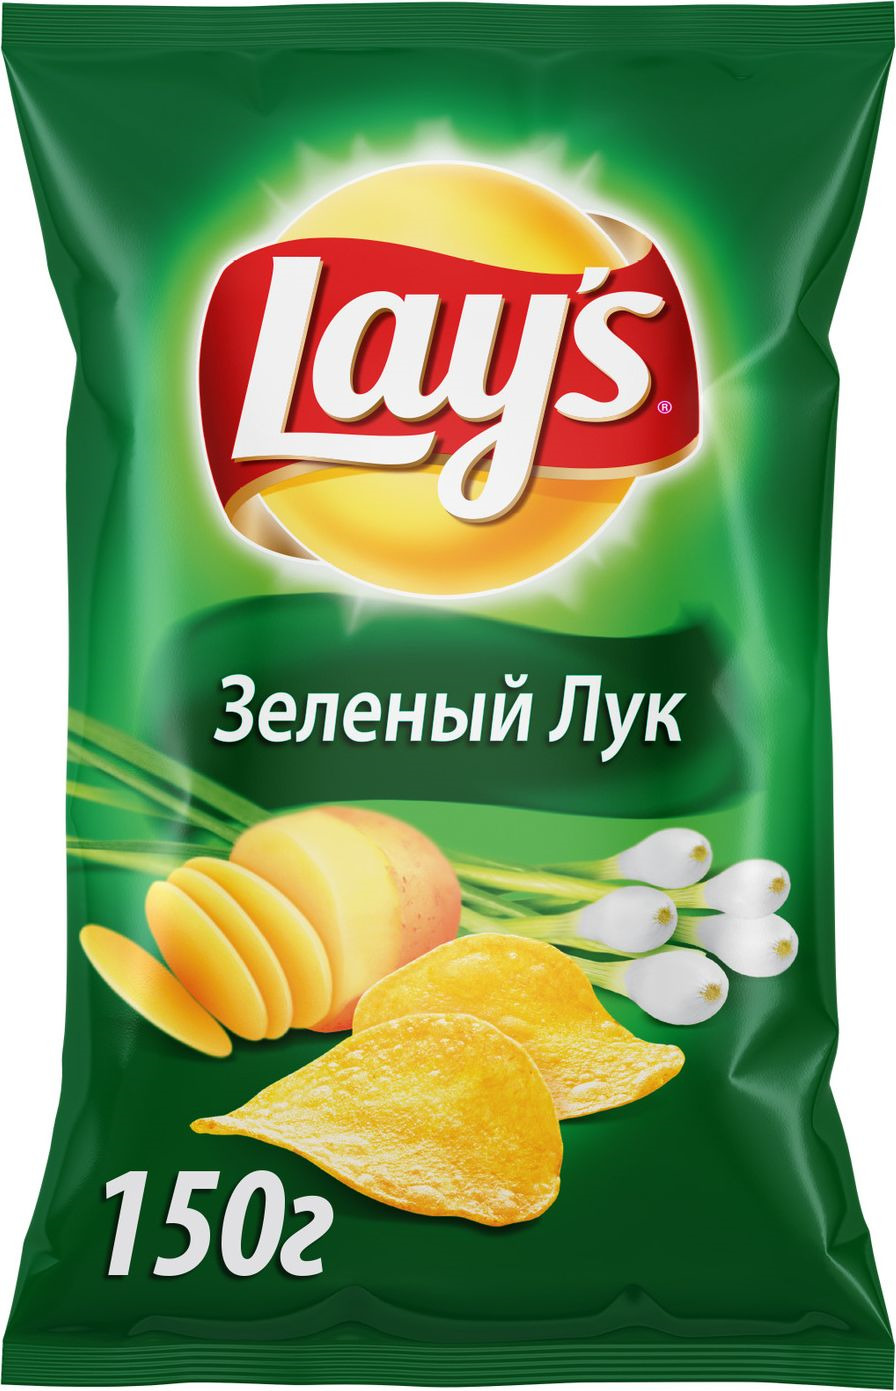 Чипсы Lay's Молодой зеленый лук картофельные, 150 г чипсы картофельные русская картошка колбаски гриль 150 г